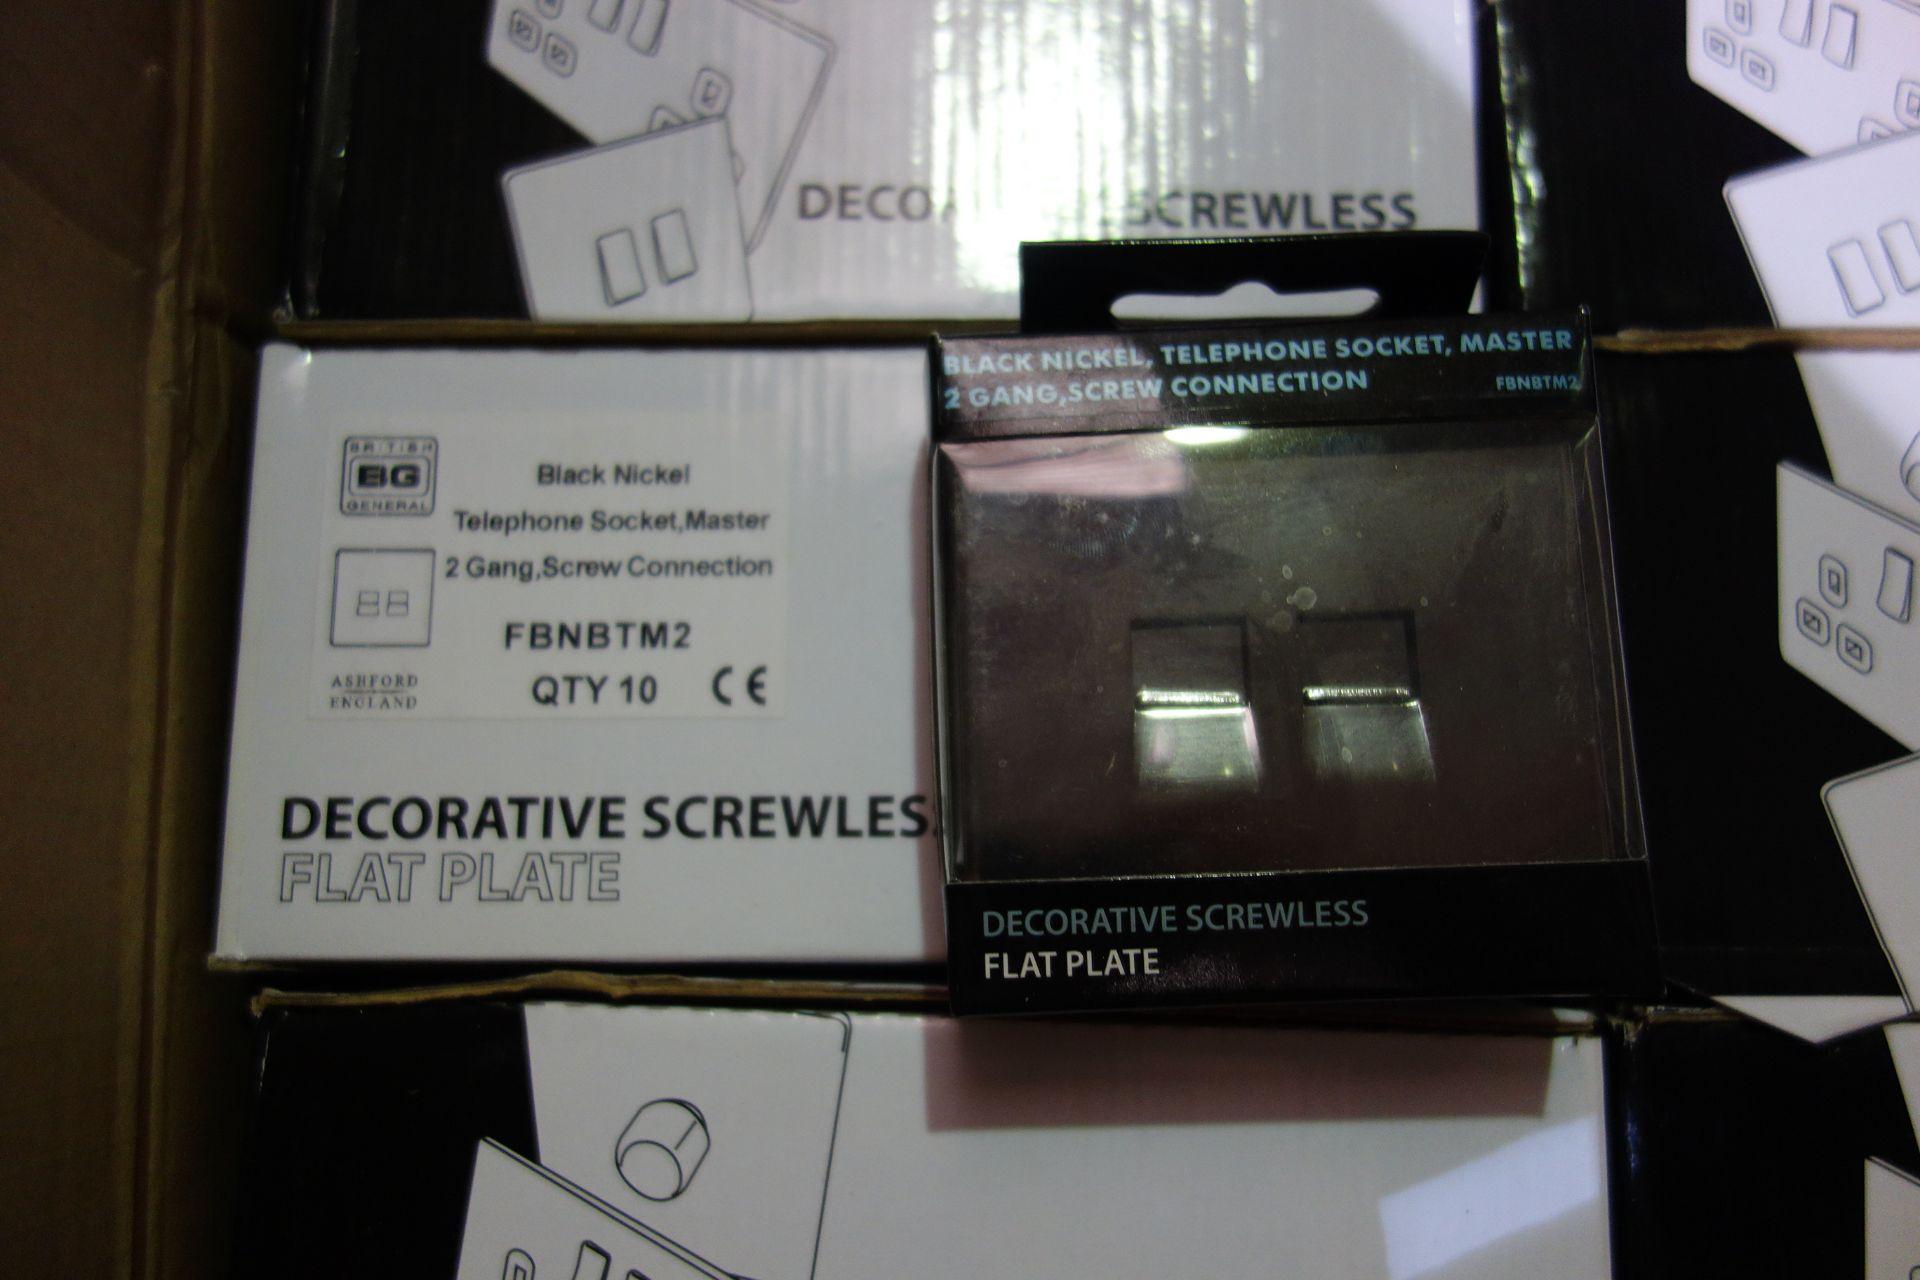 Lot 34 - 50 X BG FBNBTM2 2G Black Nickle Master Telephone Socket